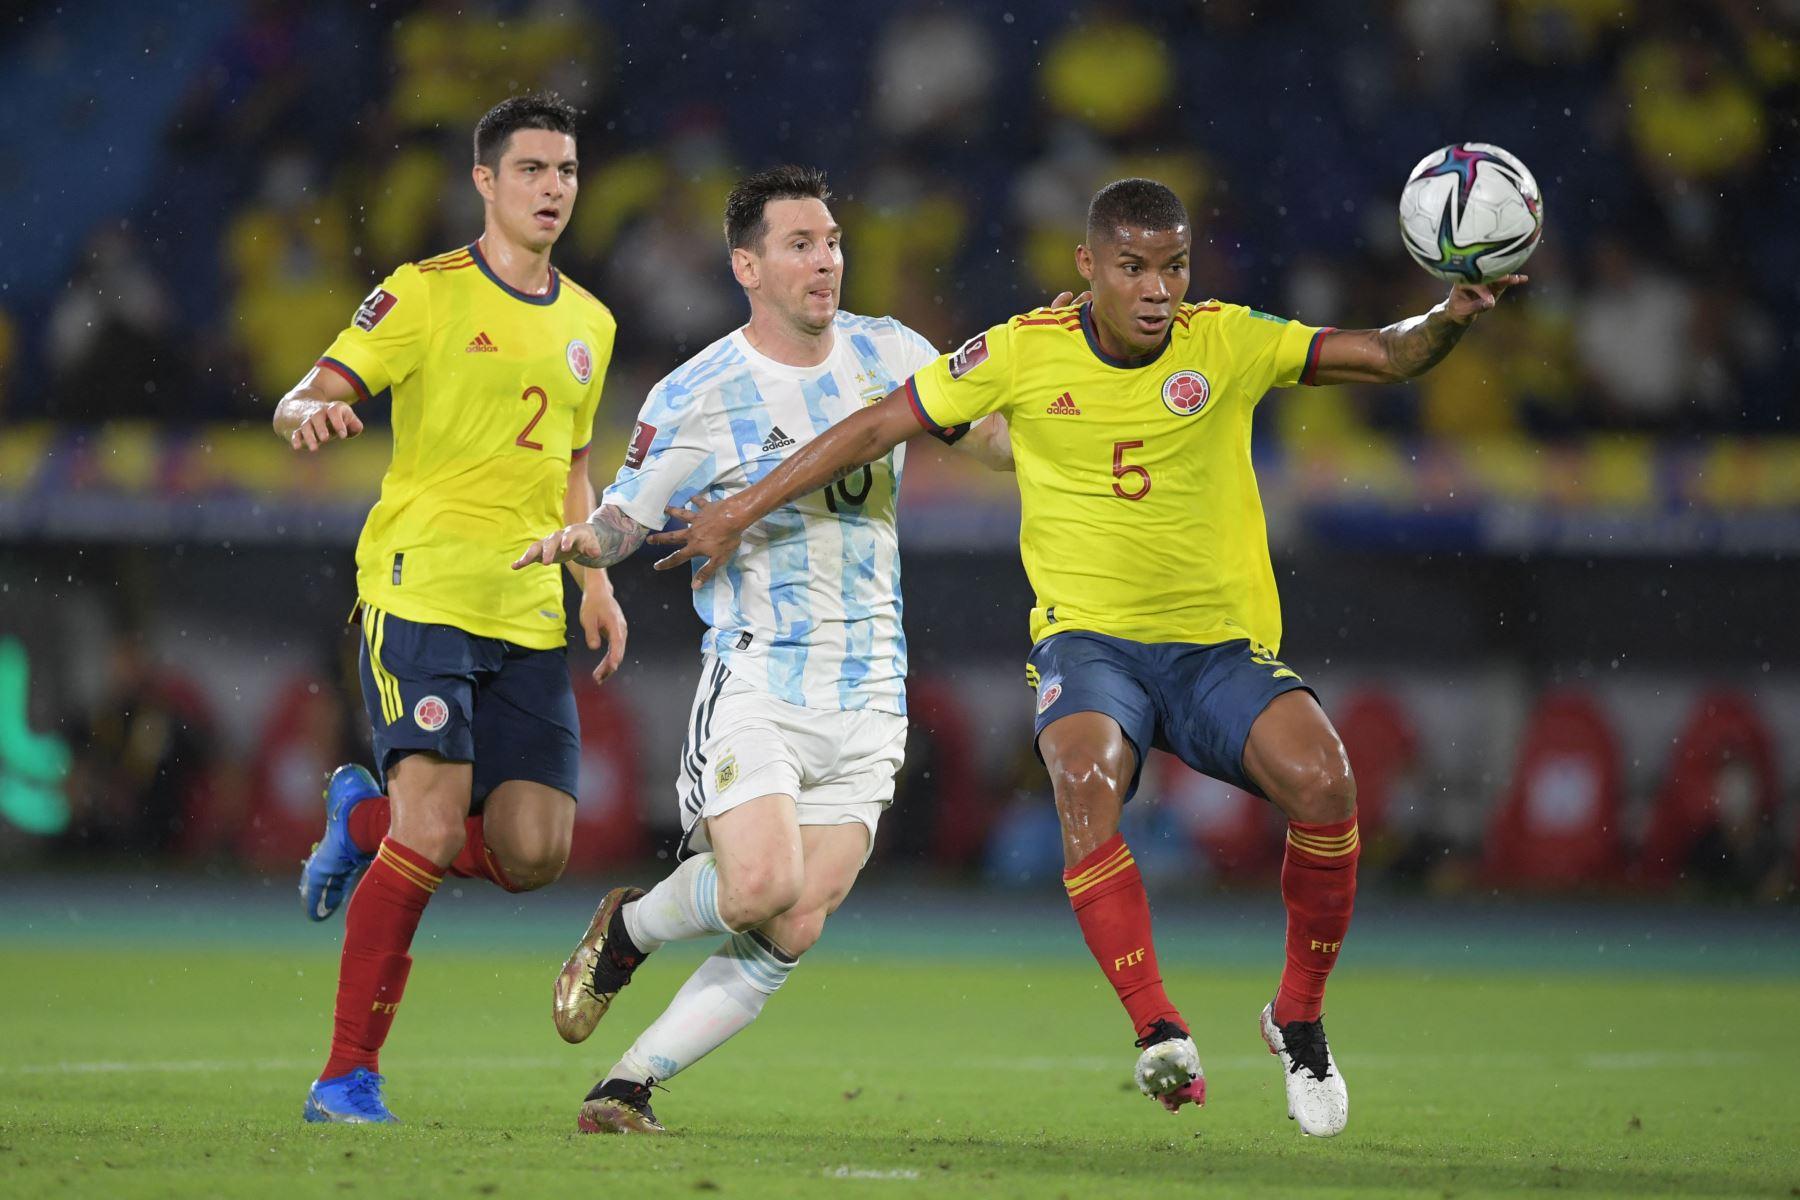 El argentino Lionel Messi y el colombiano Wilmar Barrios (R) compiten por el balón durante su partido clasificatorio sudamericano para la Copa Mundial de la FIFA Qatar 2022 en el Estadio Metropolitano Roberto Meléndez en Barranquilla, Colombia. Foto: AFP